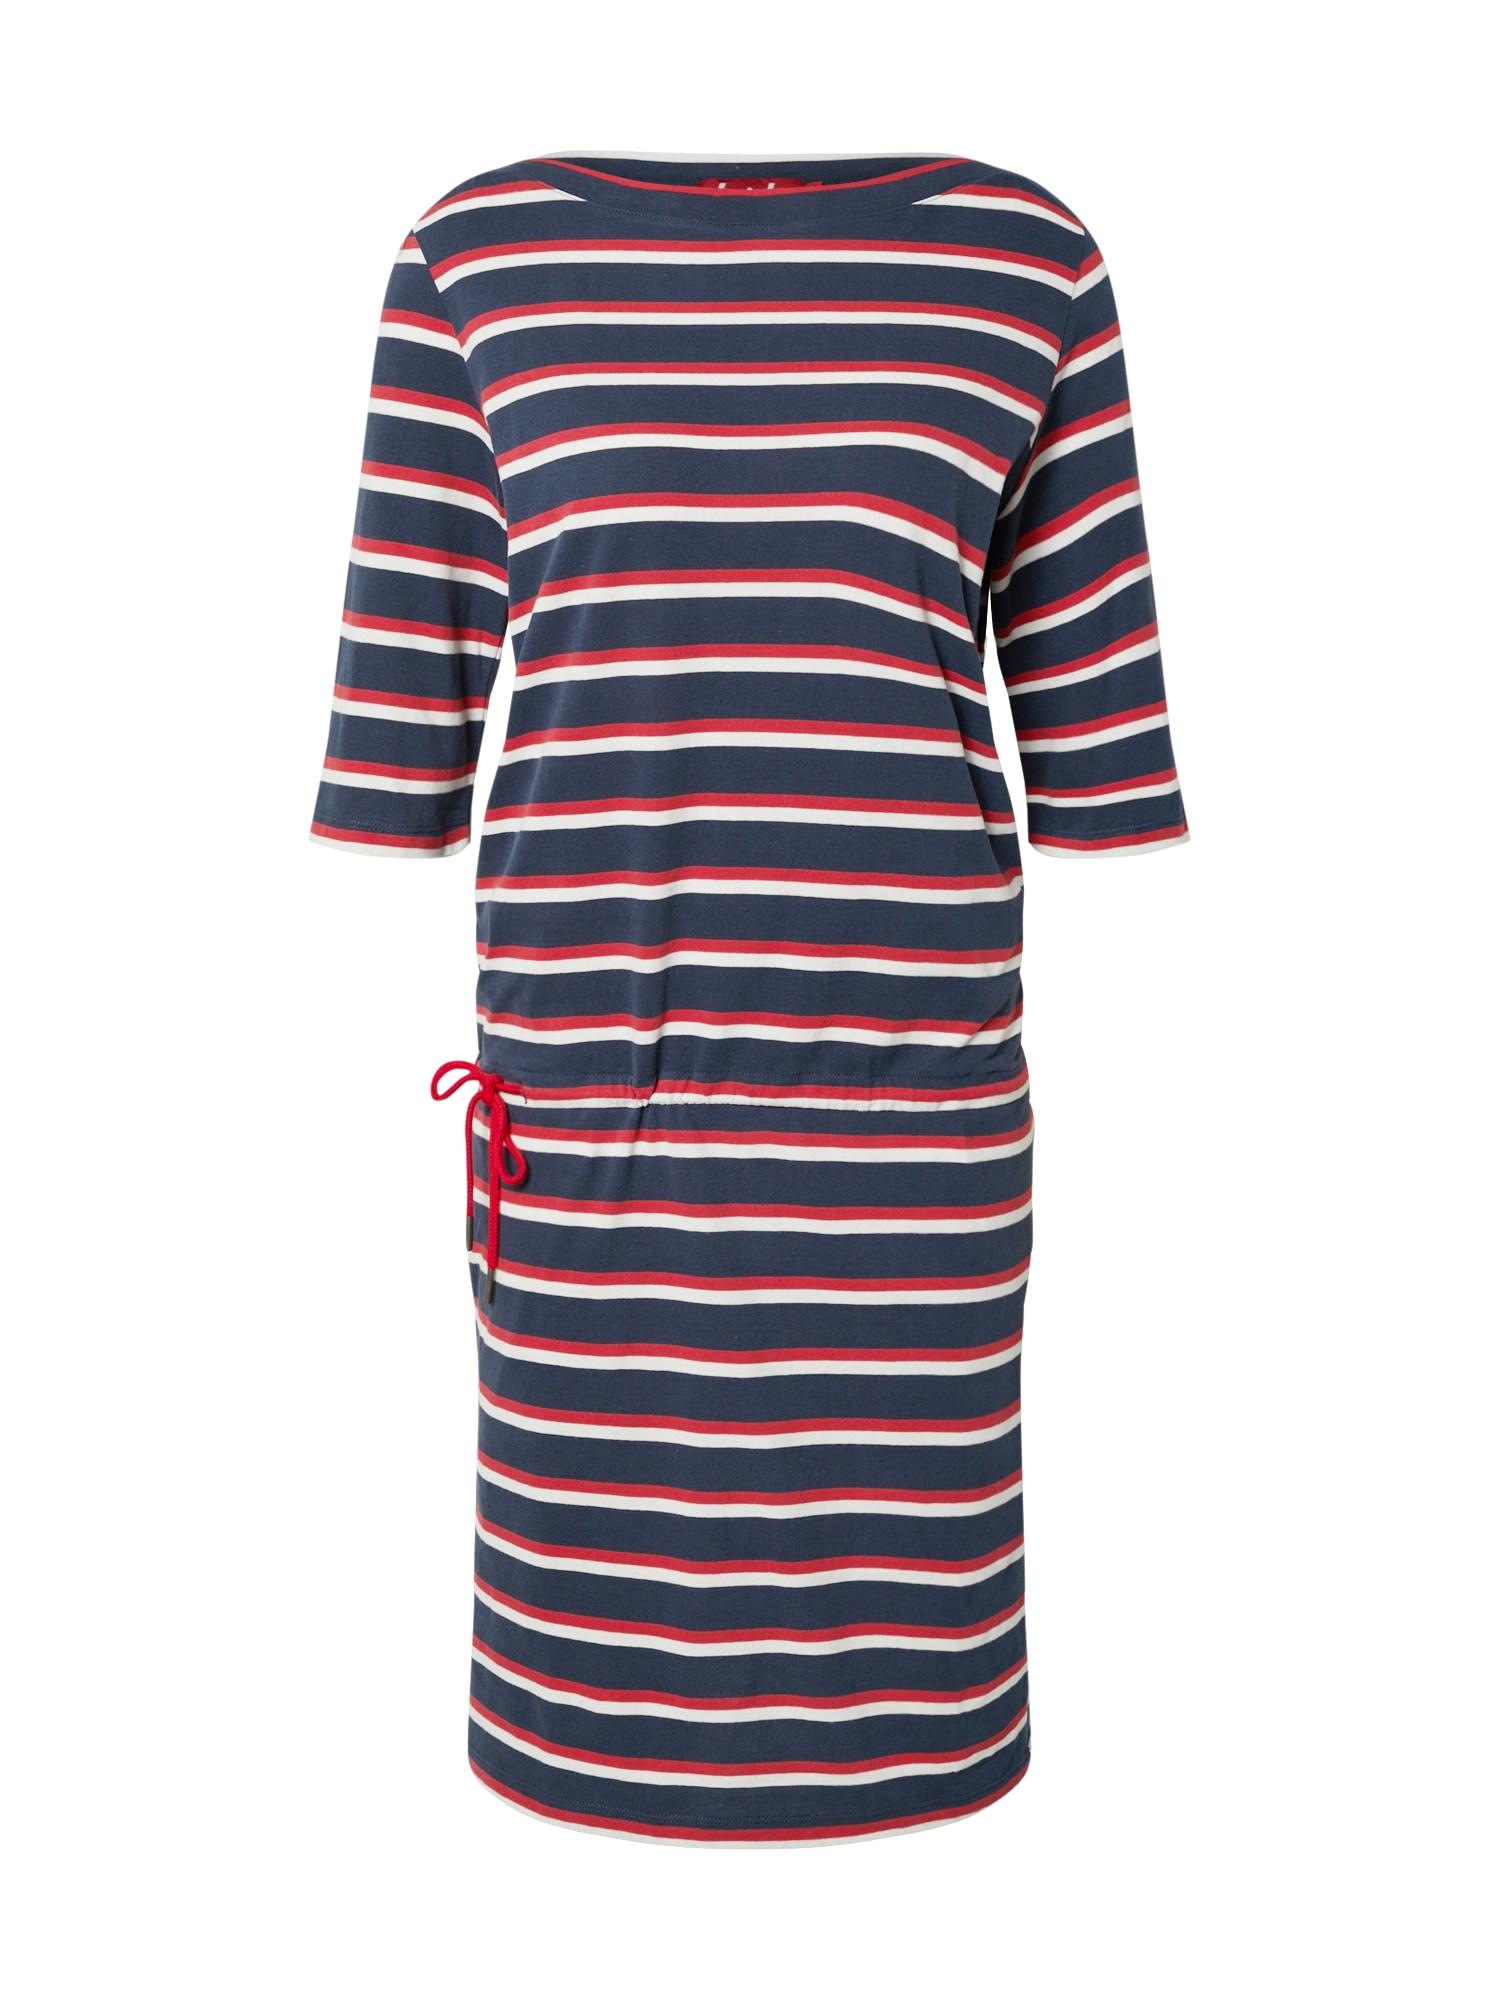 Derbe Suknelė 'Harbor' raudona / balkšva / tamsiai mėlyna